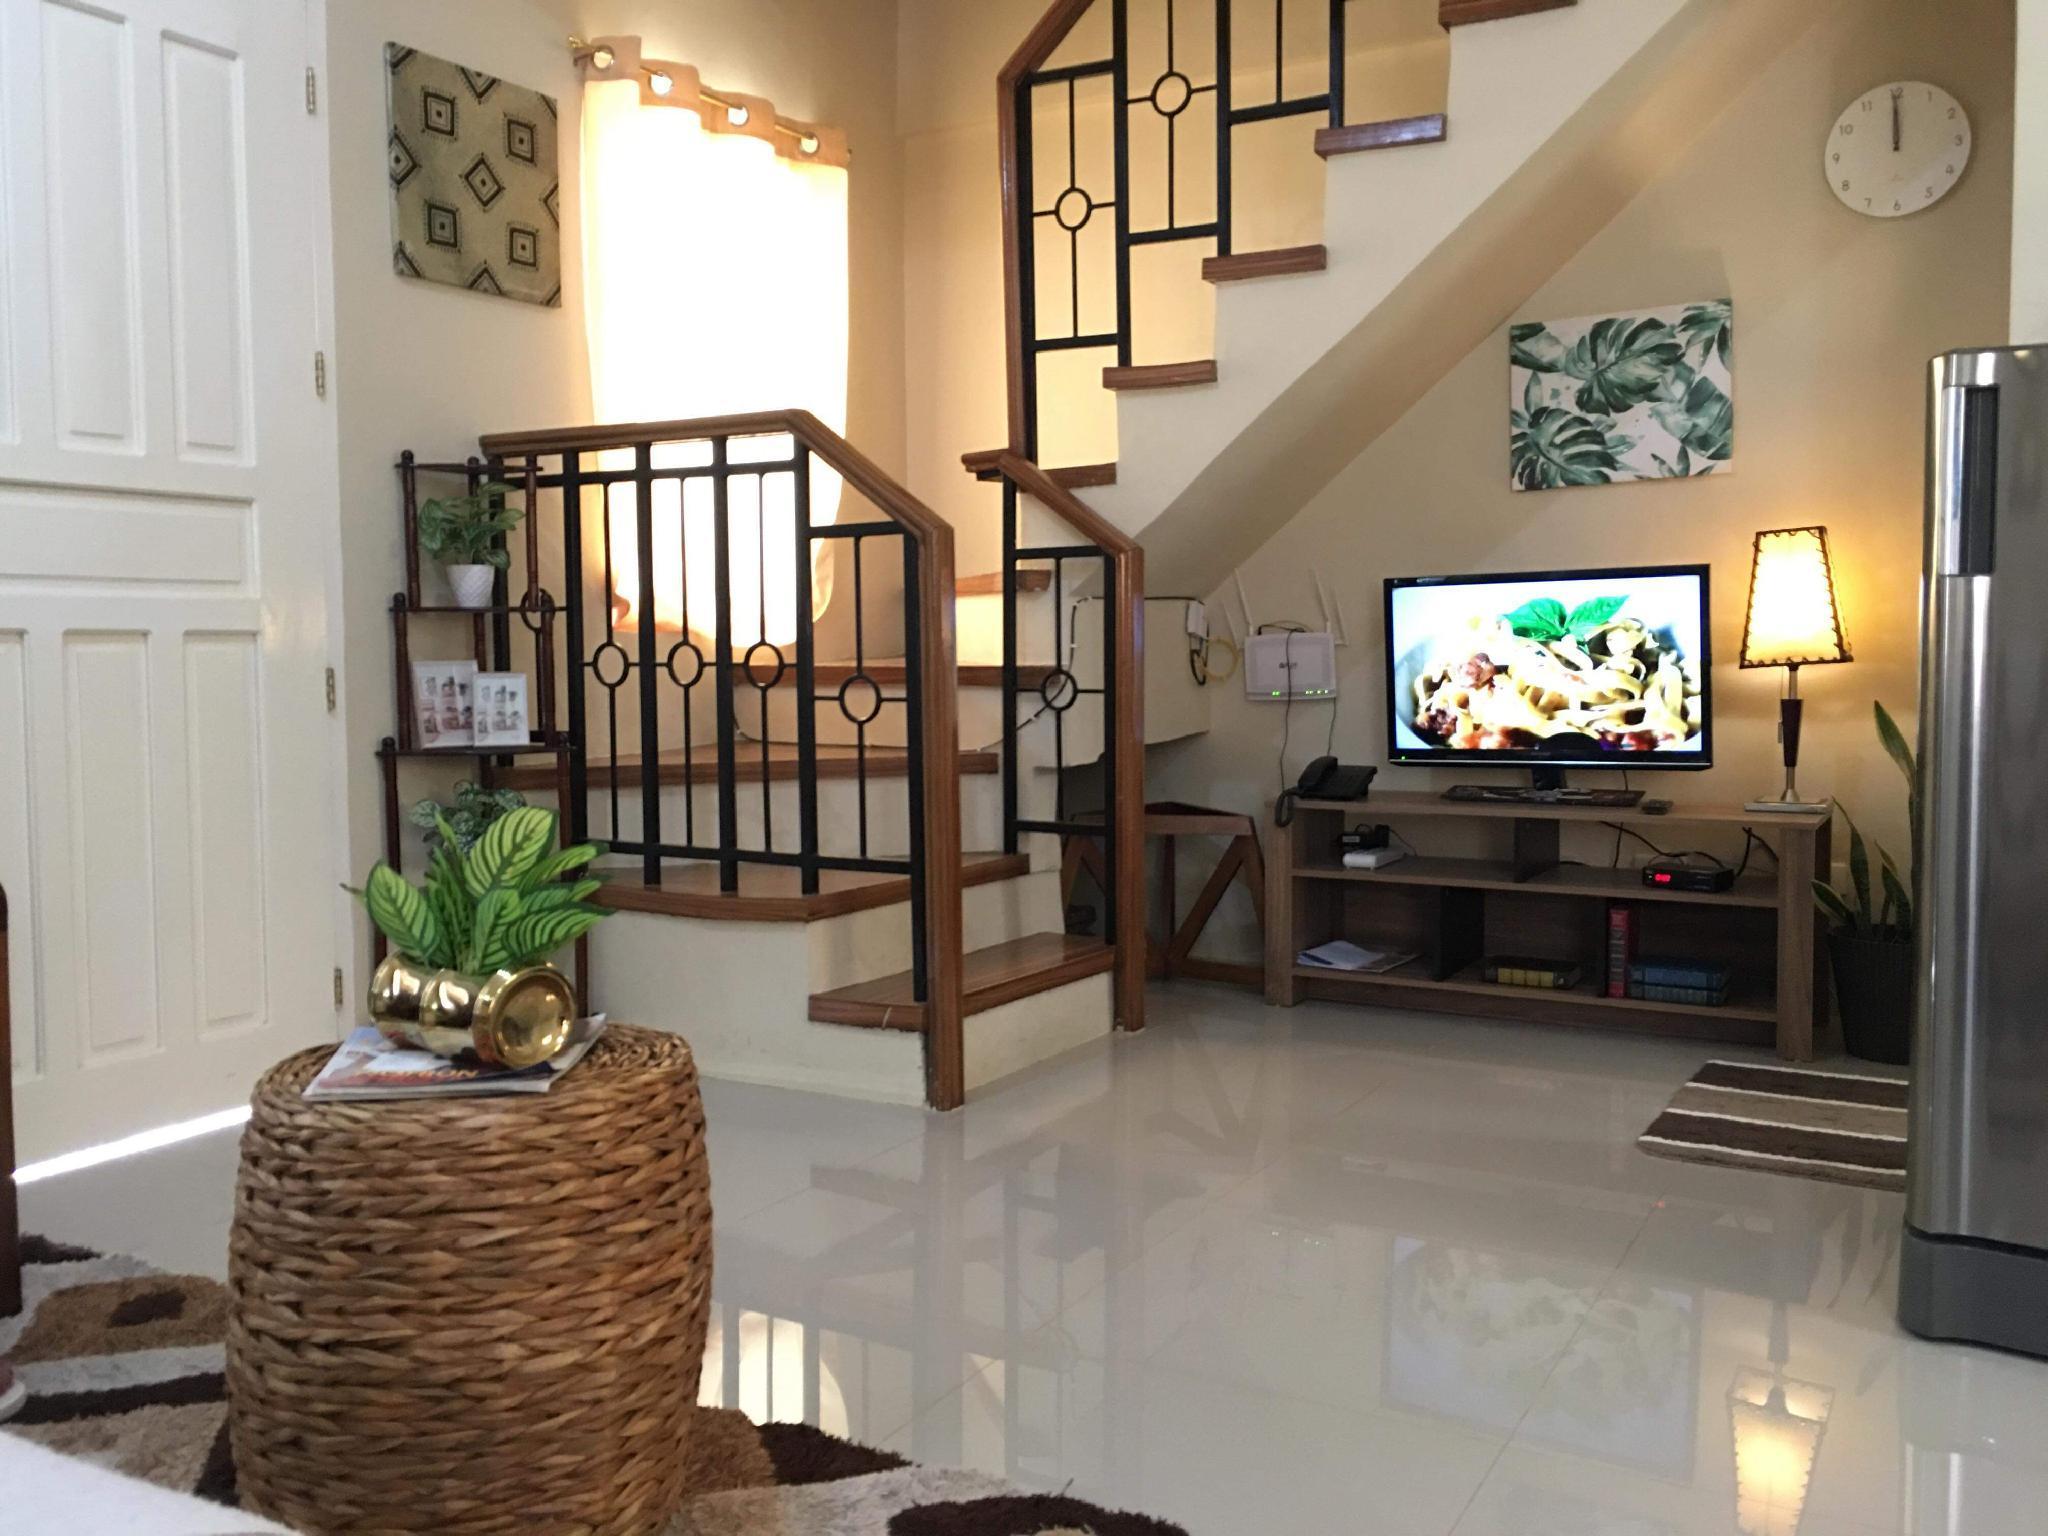 Casa Carmela Butuan Hotels Villas Philippines Information Hotel Reservations